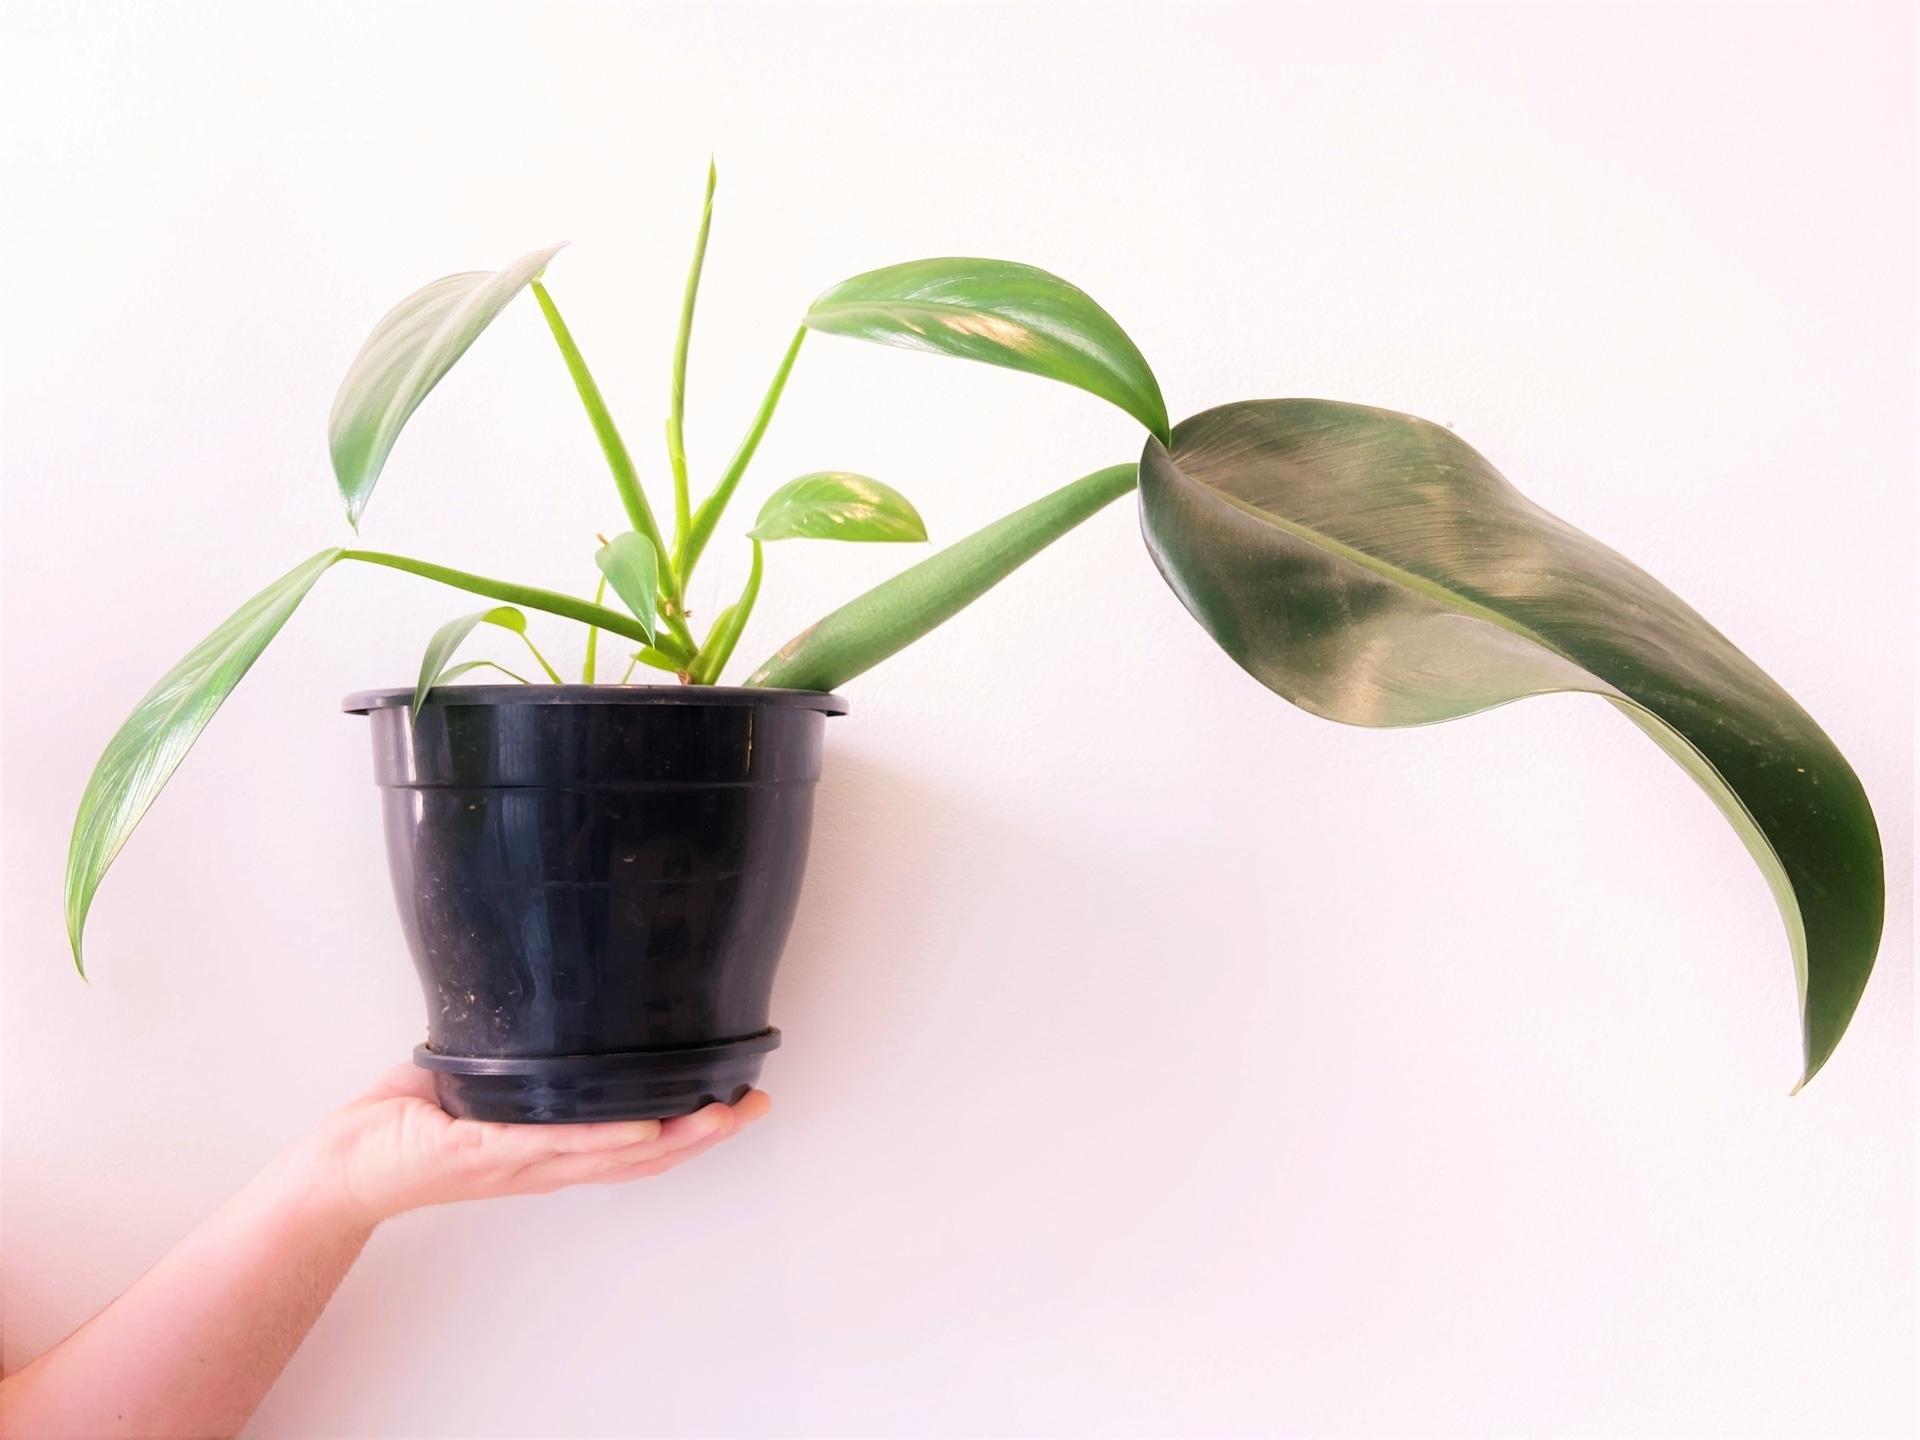 Plantas para ter em casa: Pacová (Philodendron martianum). Foto: Arquiteca Projetos